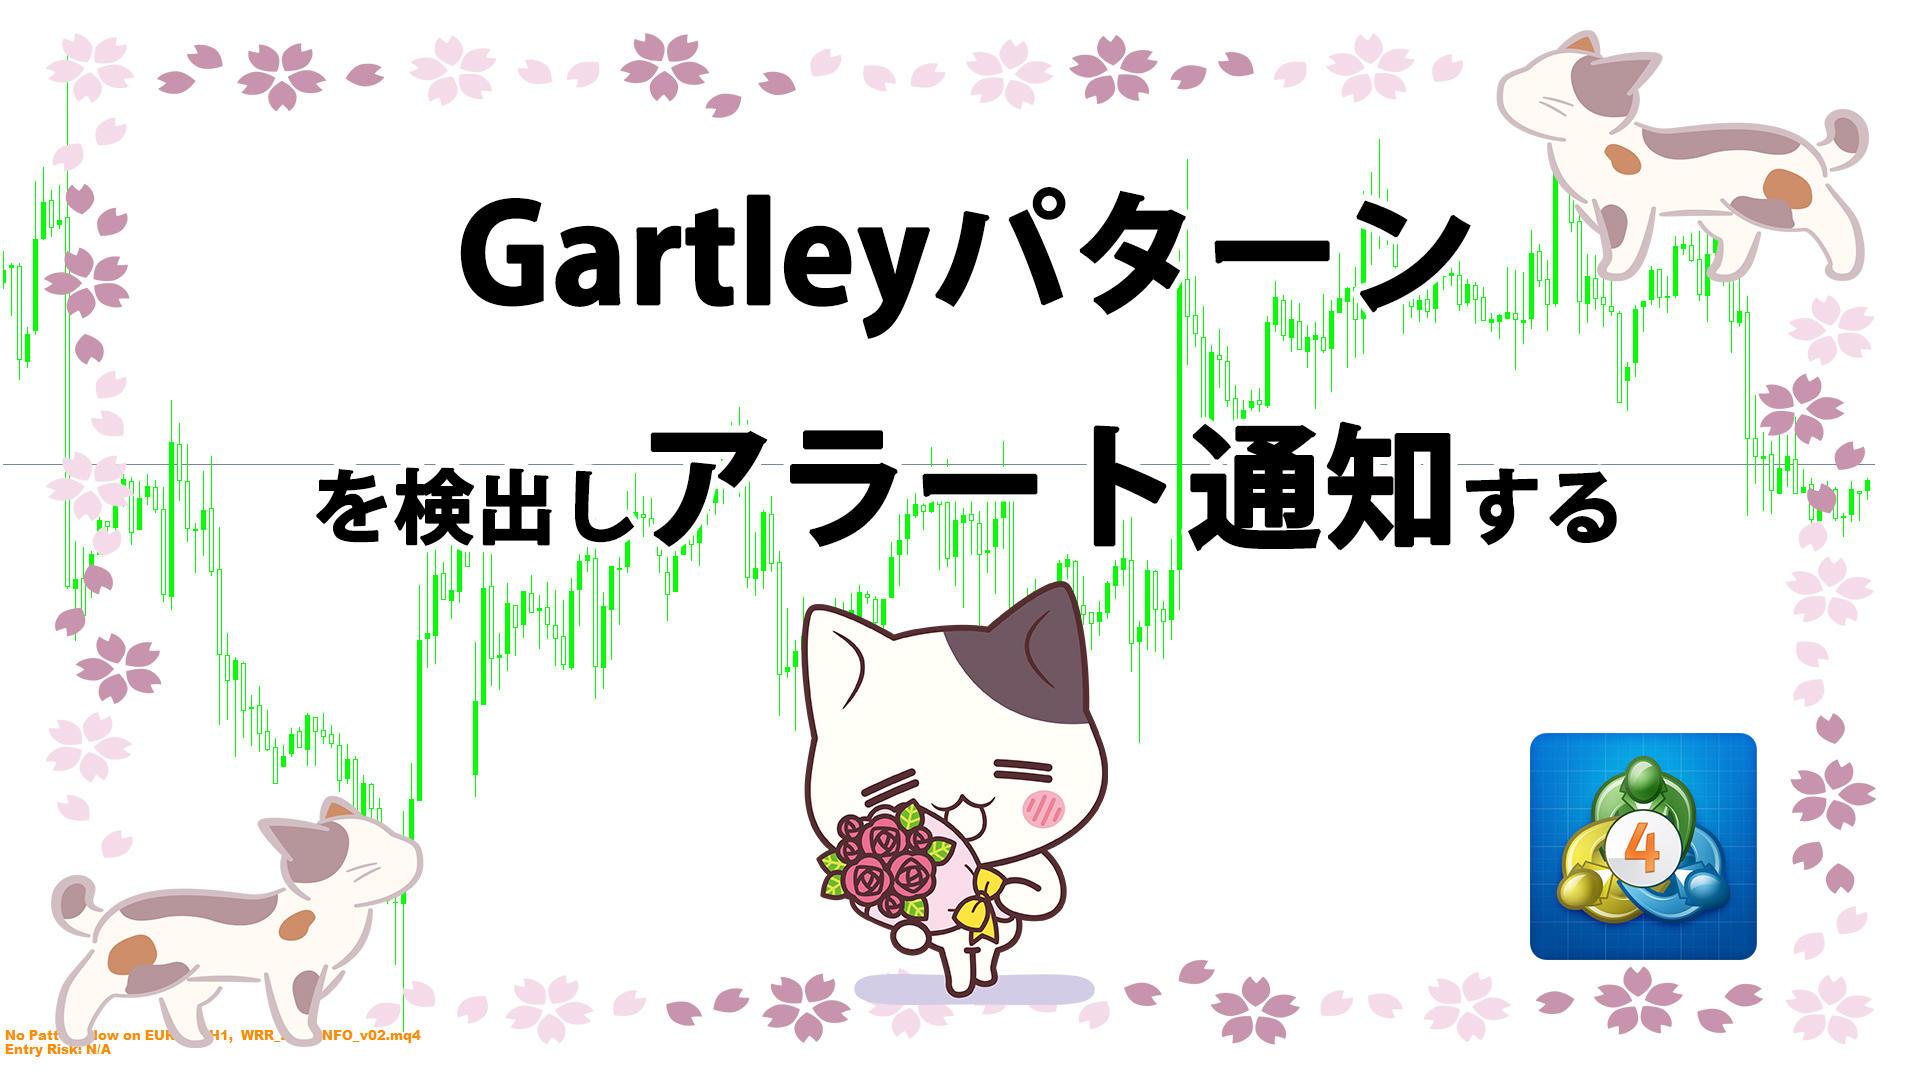 Gartleyパターンを検出しアラート通知するMT4インジケーター「ZUP_WRR_INFO_v02」